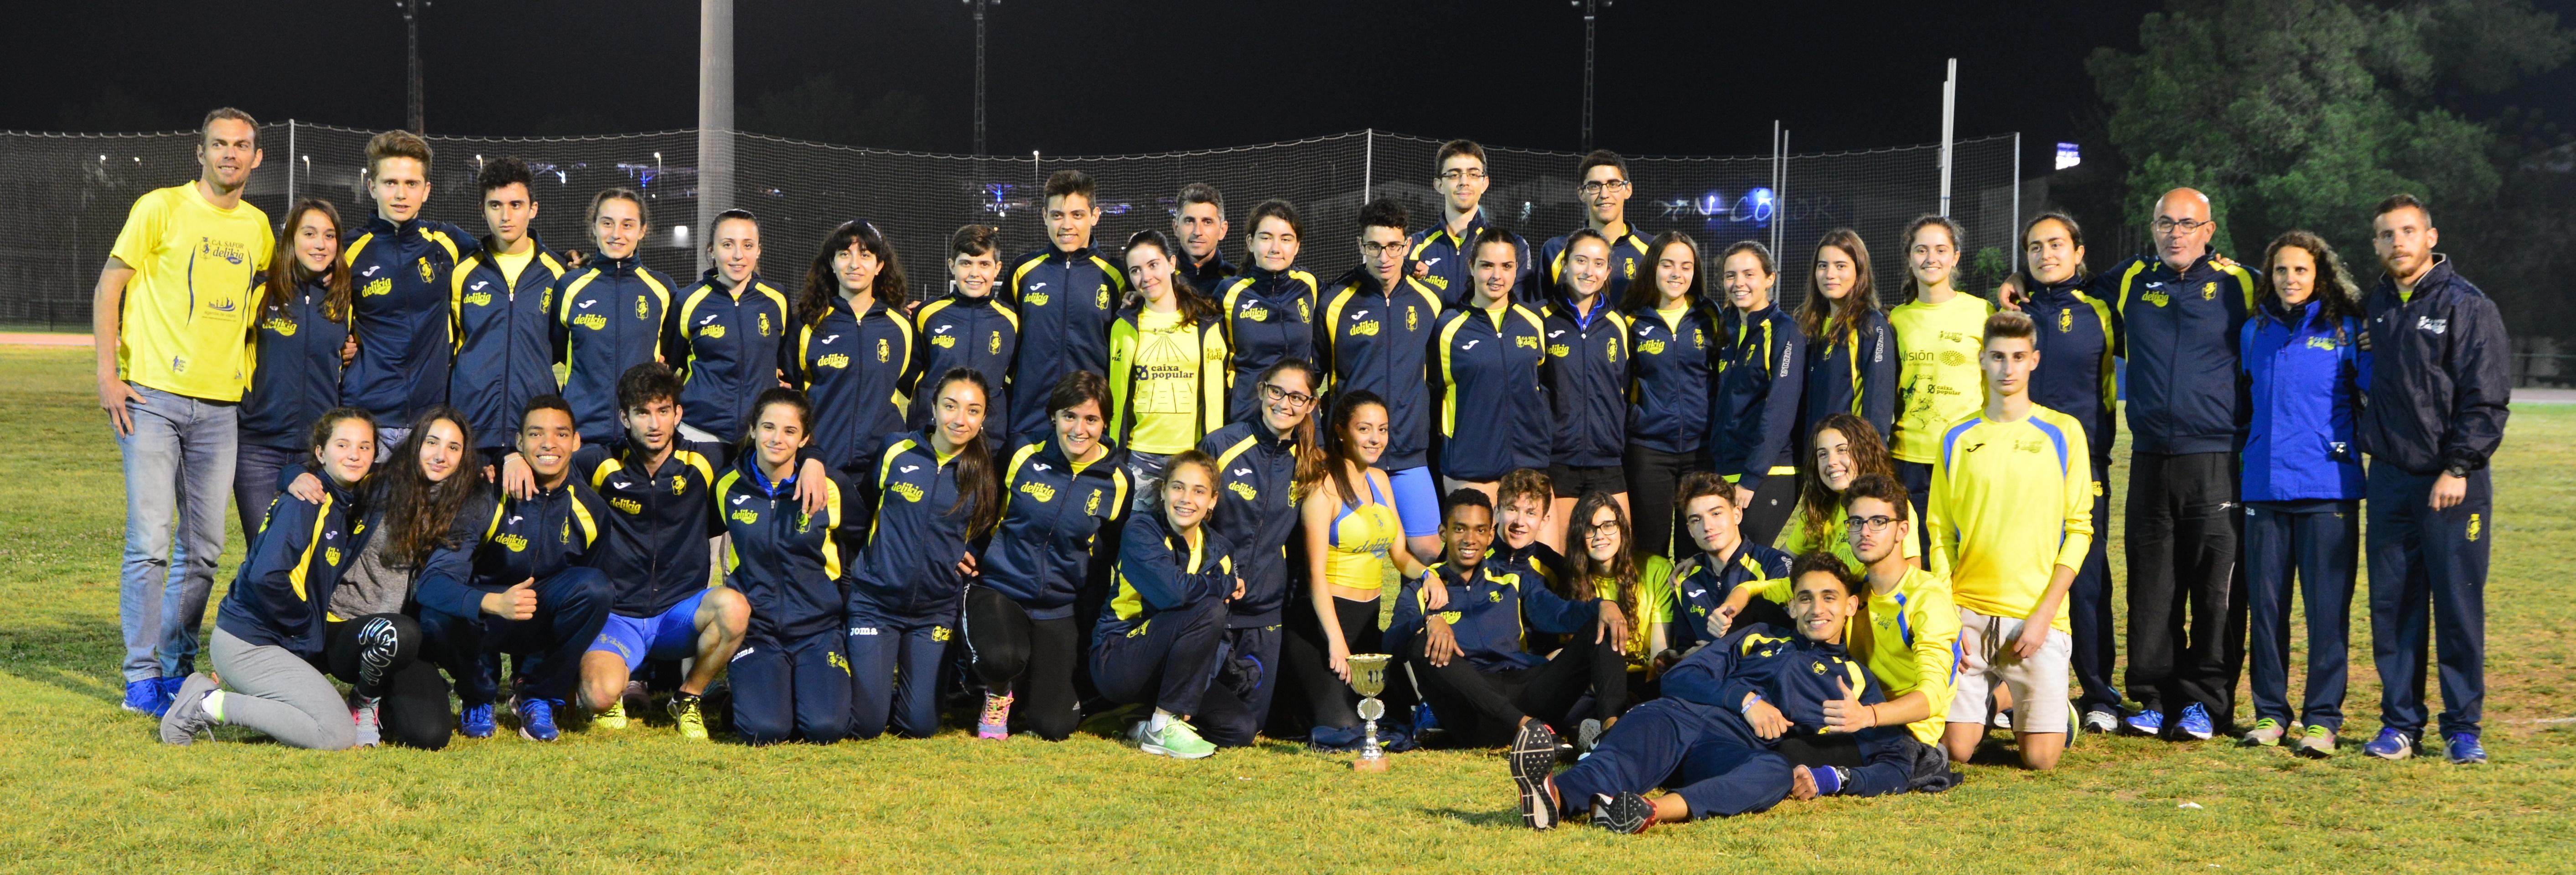 El grup d'atletes 'groguets' amb els seus entrenadors, dissabte passat a la pista de Gandia, després del provincial.